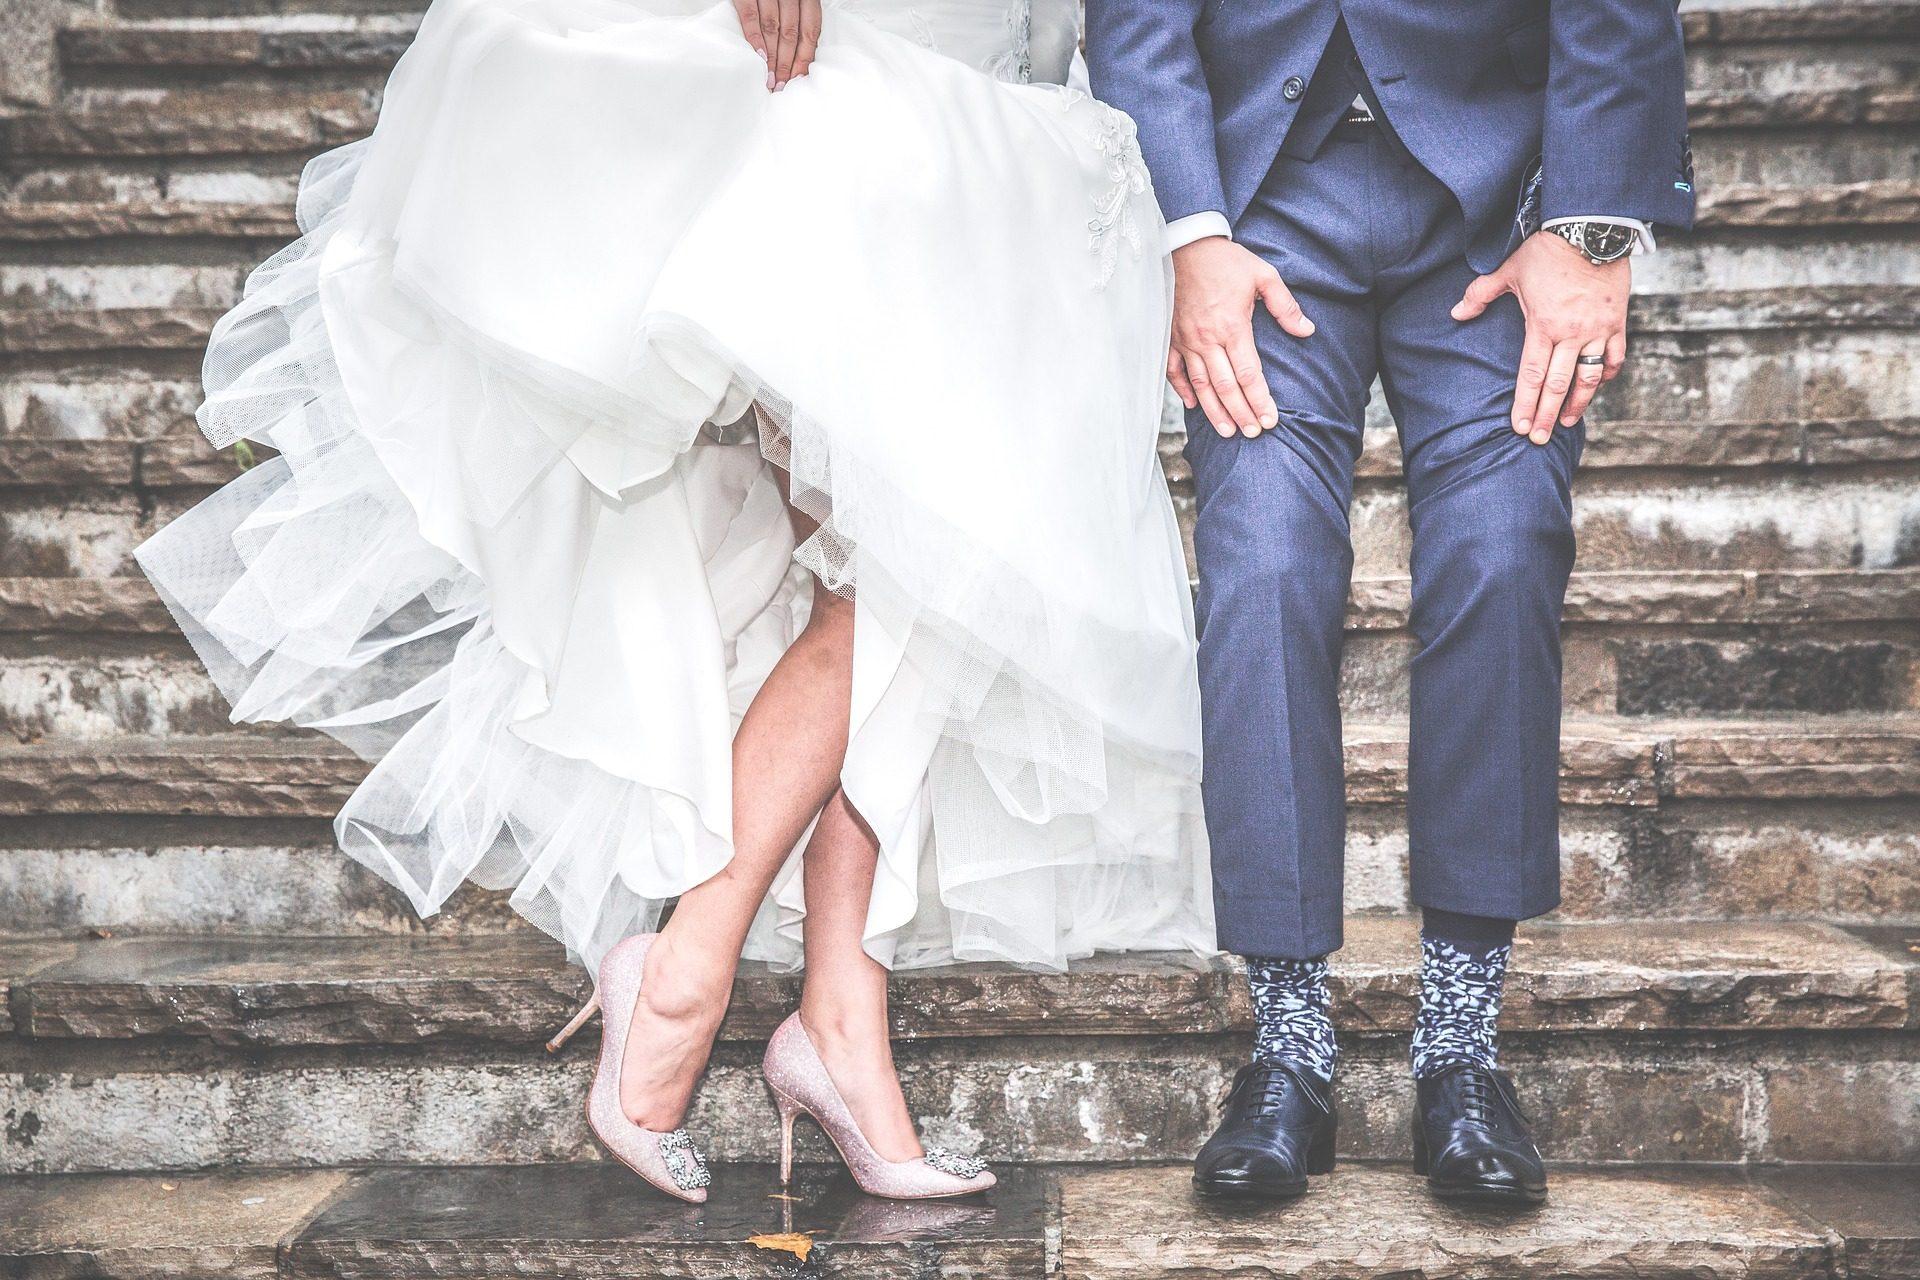 زفاف, زوجين, الارتباط, الزواج, أحذية, درج معالجته - خلفيات عالية الدقة - أستاذ falken.com